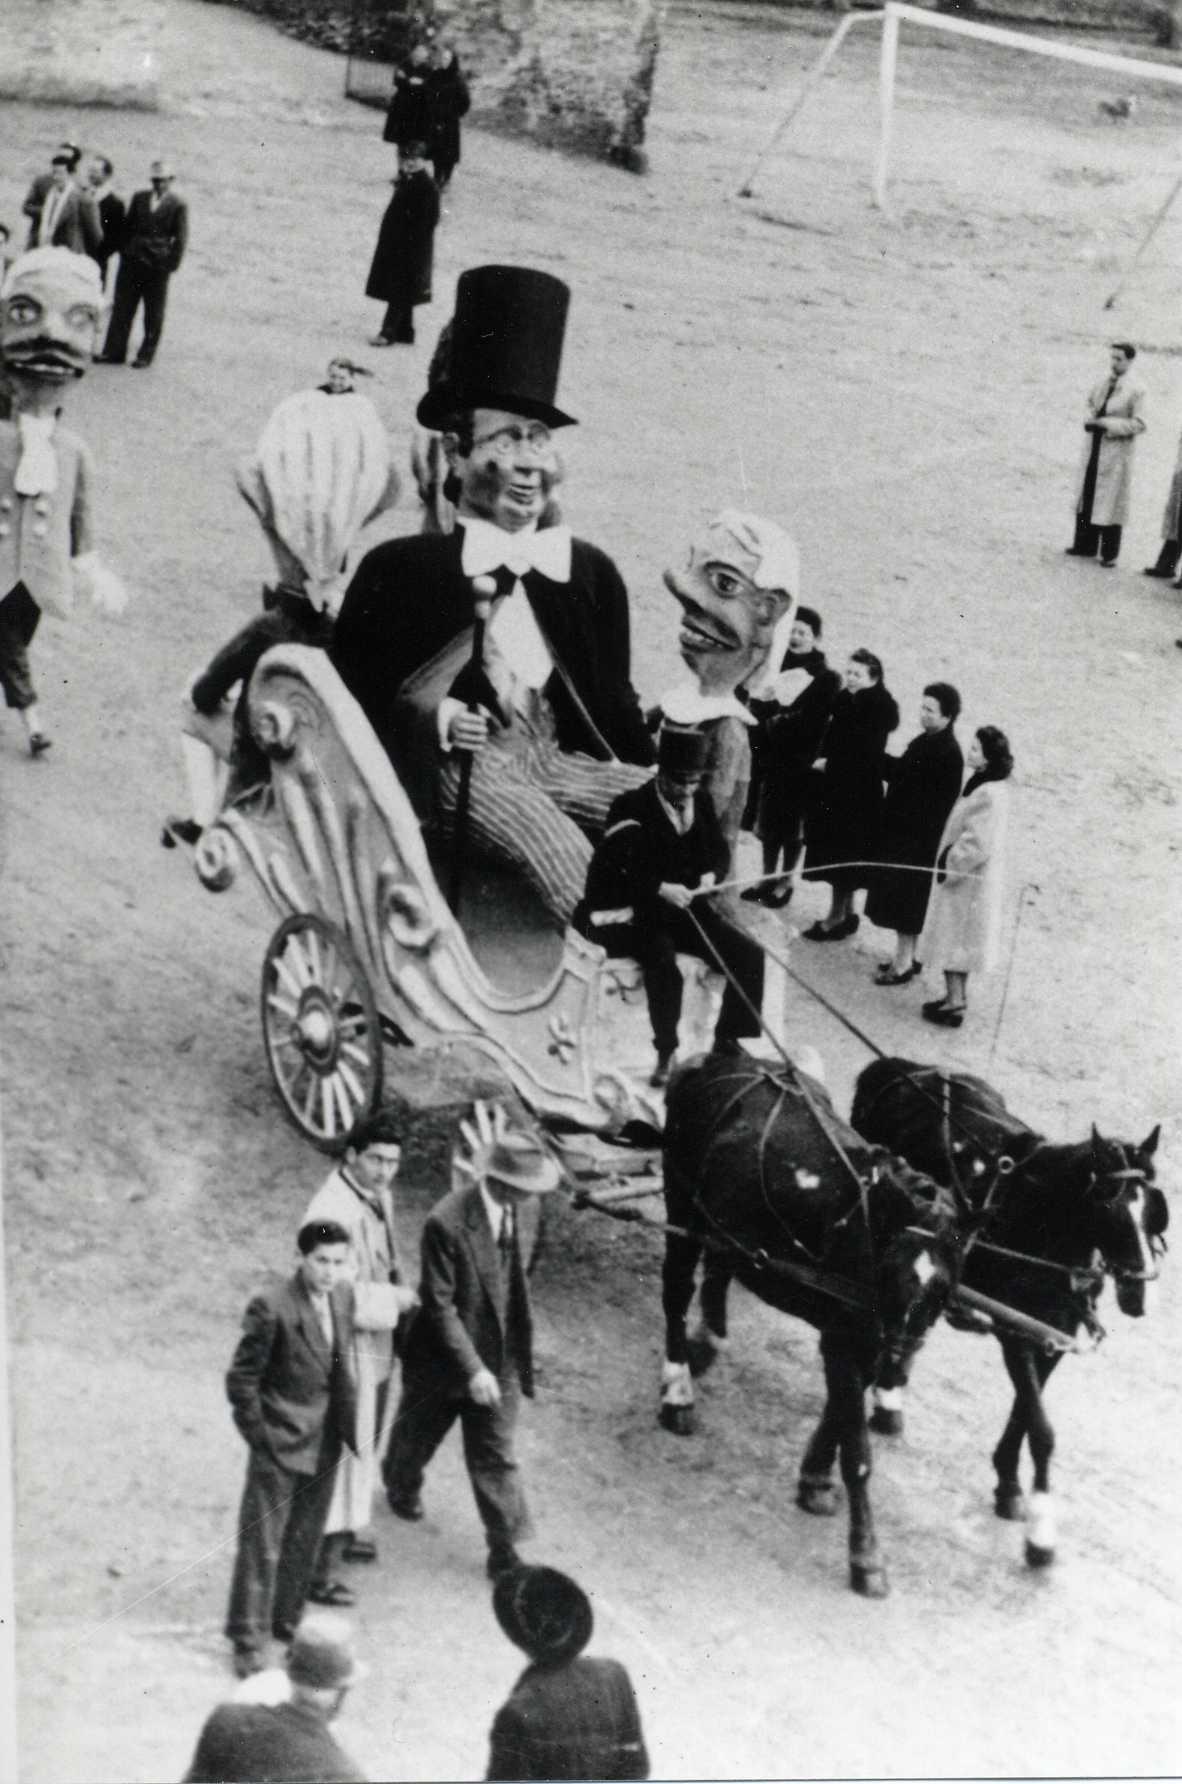 1955 - I CARRI NON VENGONO COSTRUITI A CAUSA DELLA CRISI NEI CANTIERI